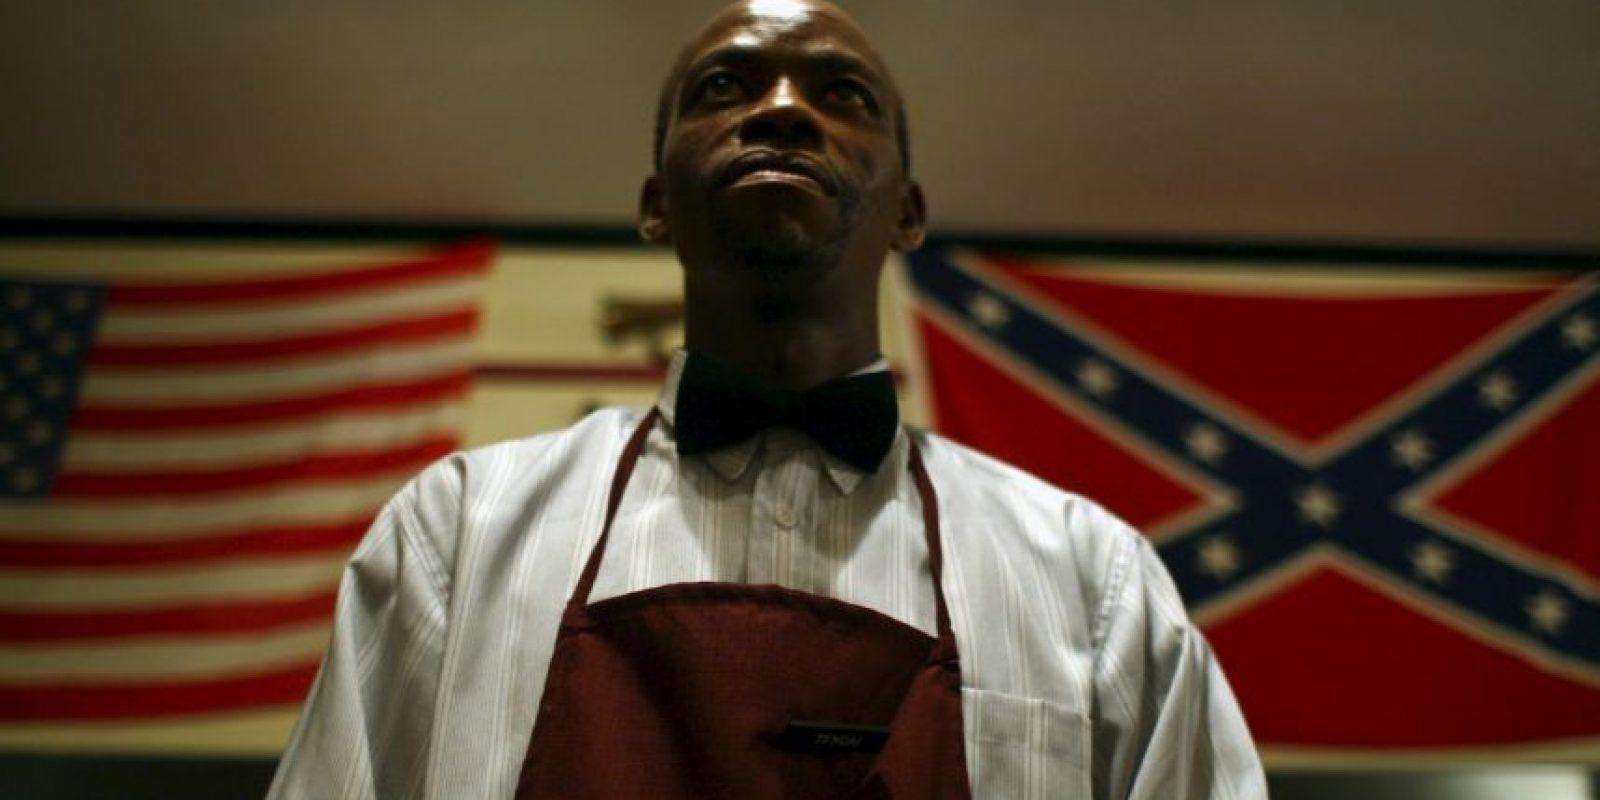 Donde la mayoría de los feligreses eran de raza negra y se consideró un acto de racismo. Foto:Getty Images